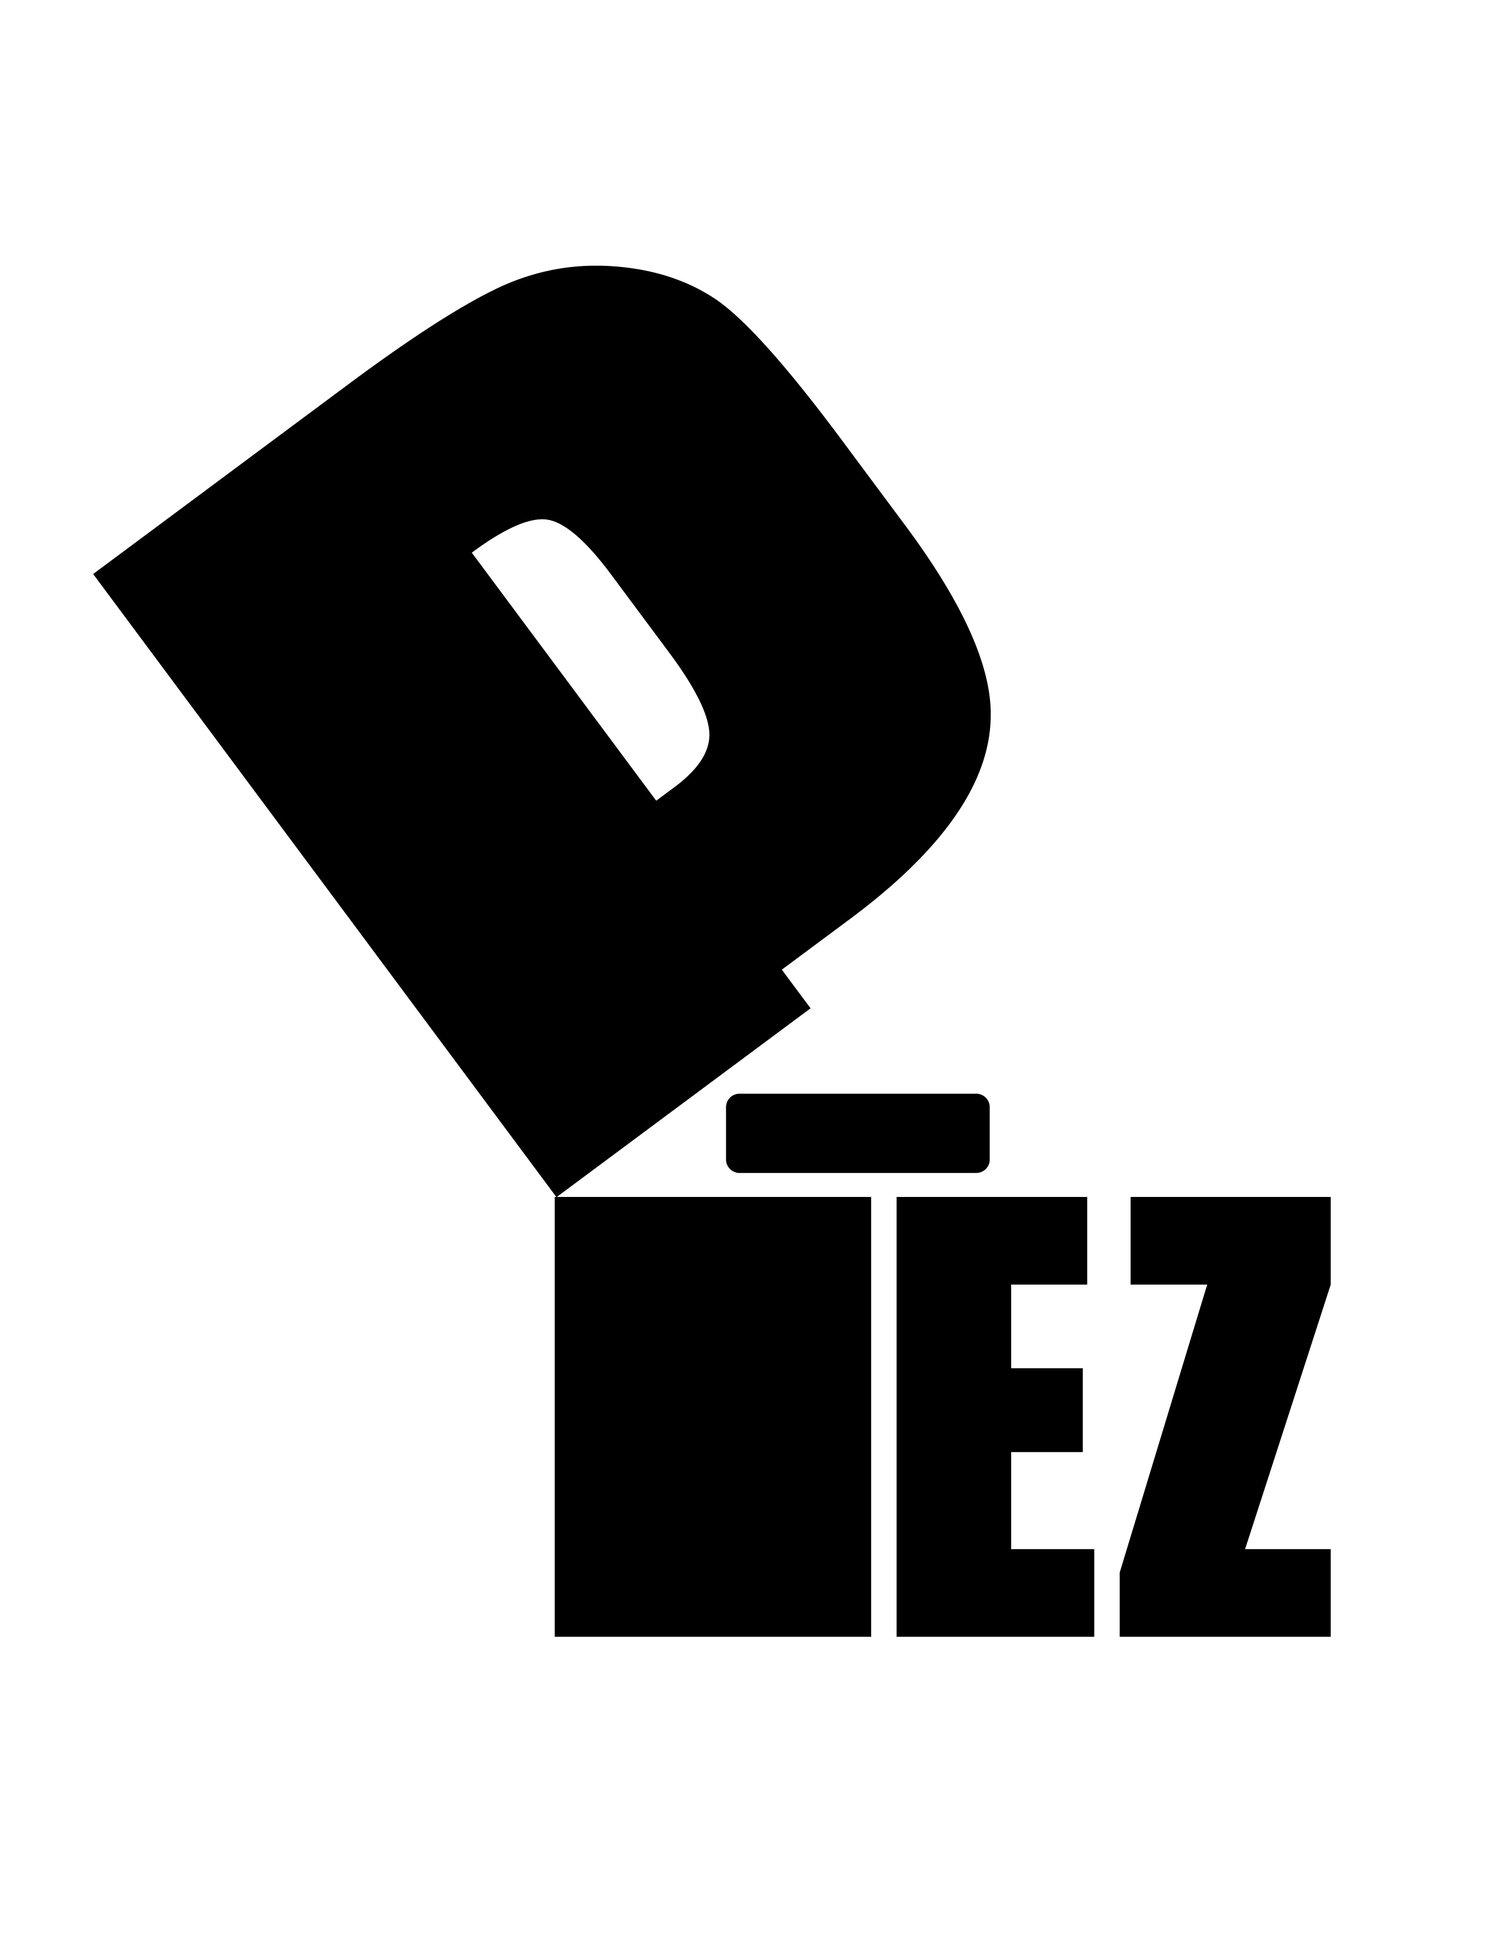 PEZ: Candy (Concept)